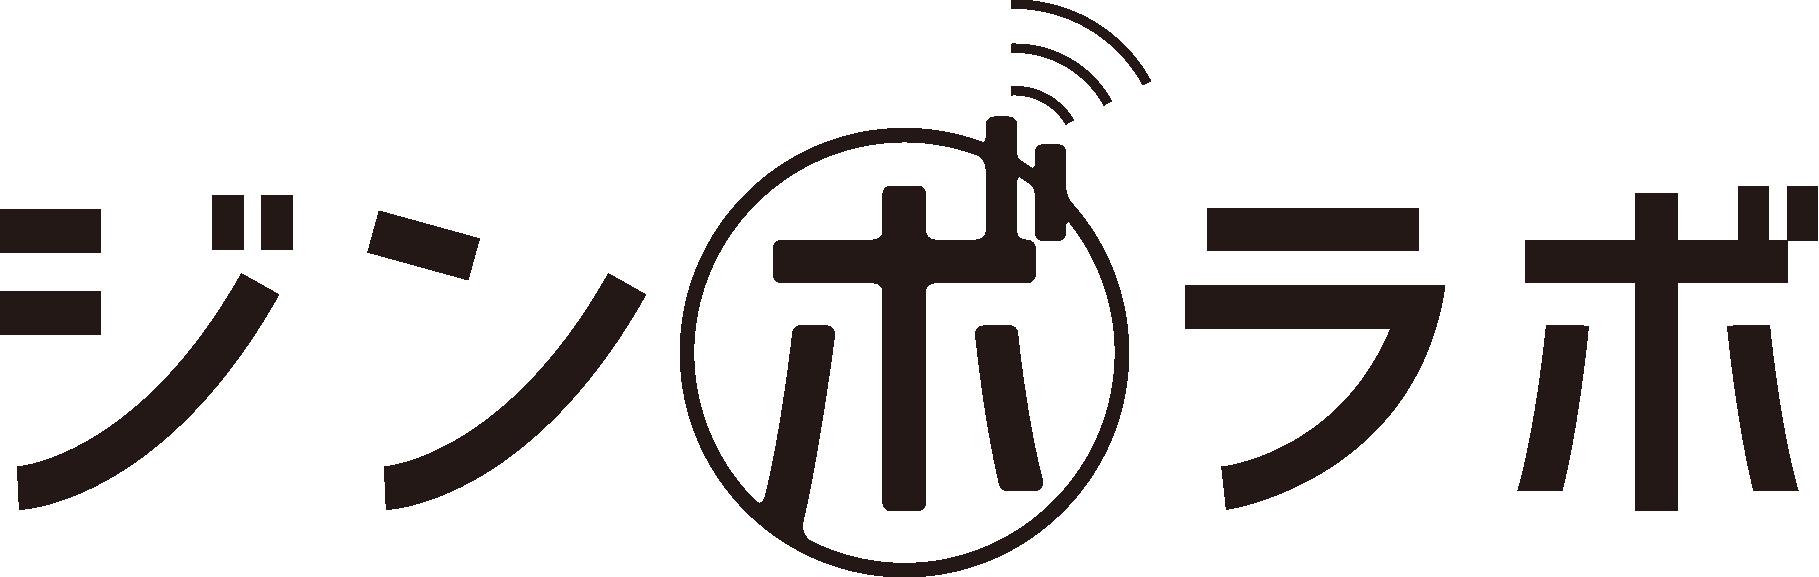 新潟県南魚沼市の情報を集めた地域WEBマガジン